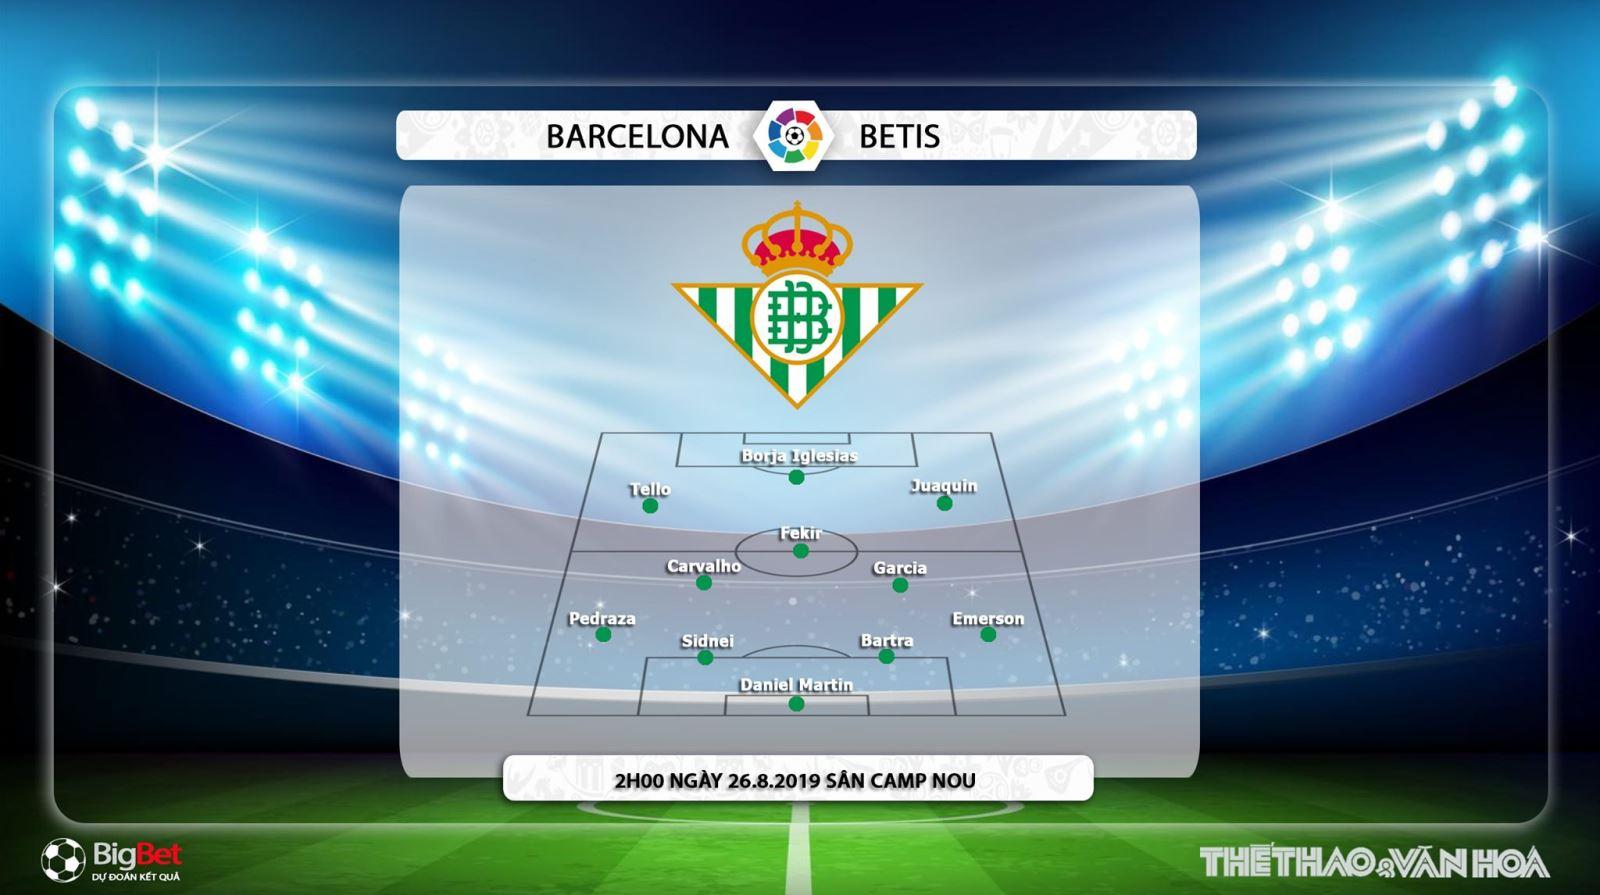 Barcelona vs Betis, trực tiếp bóng đá Barcelona vs Betis, barcelona, betis, nhận định Barcelona vs Betis, VTV6, VTV5, Bóng đá TV, Thể thao TV, FPT Play